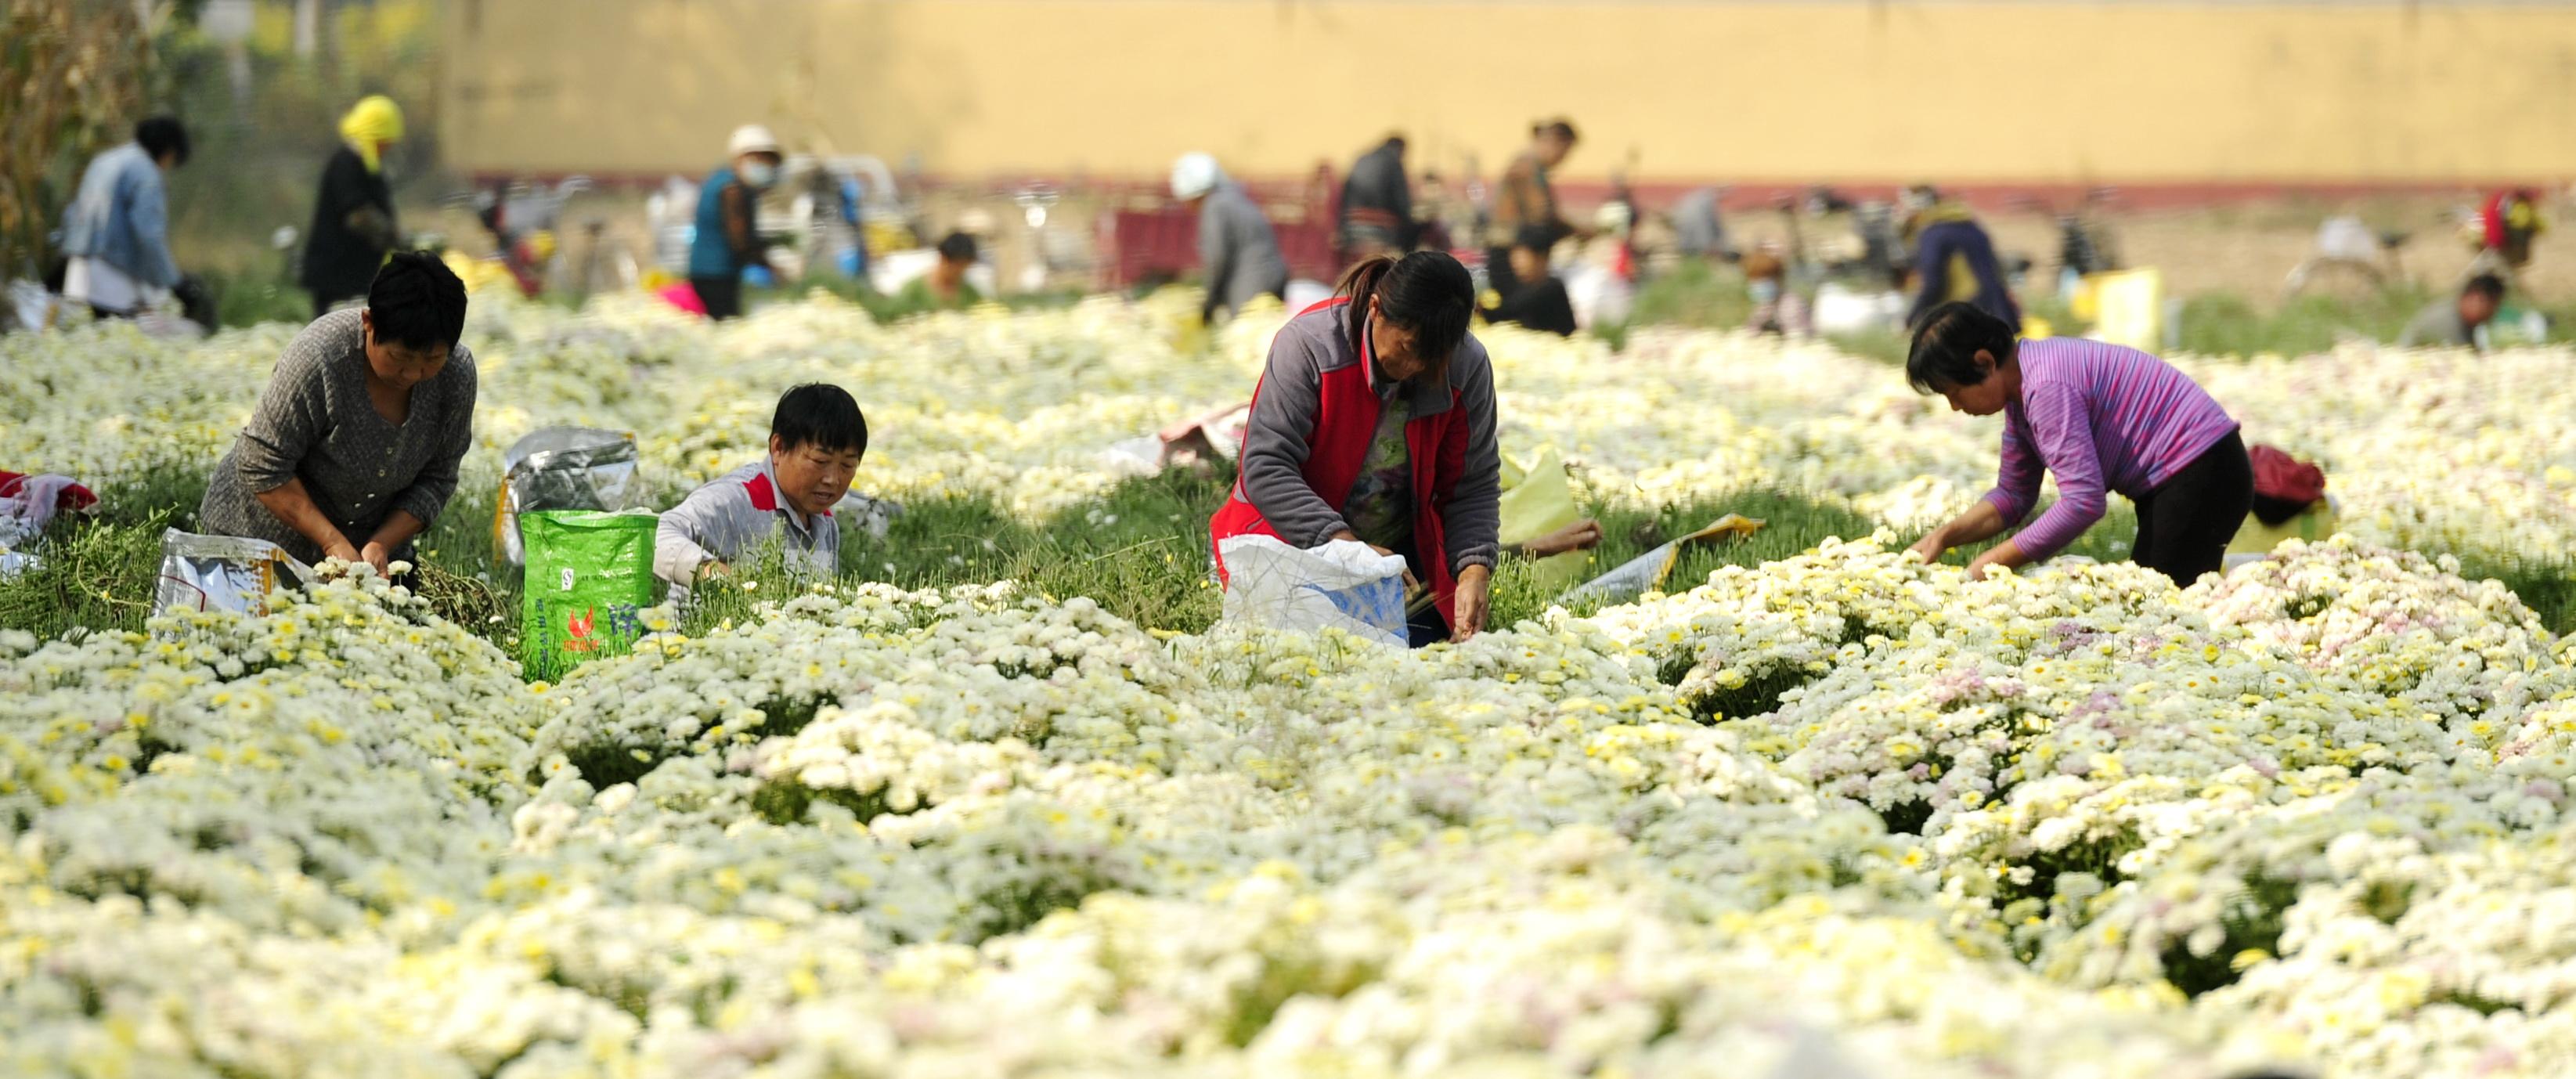 10月18日,河北省河間市米各莊鎮馬村農民在菊花種植基地采收菊花。(新華社)